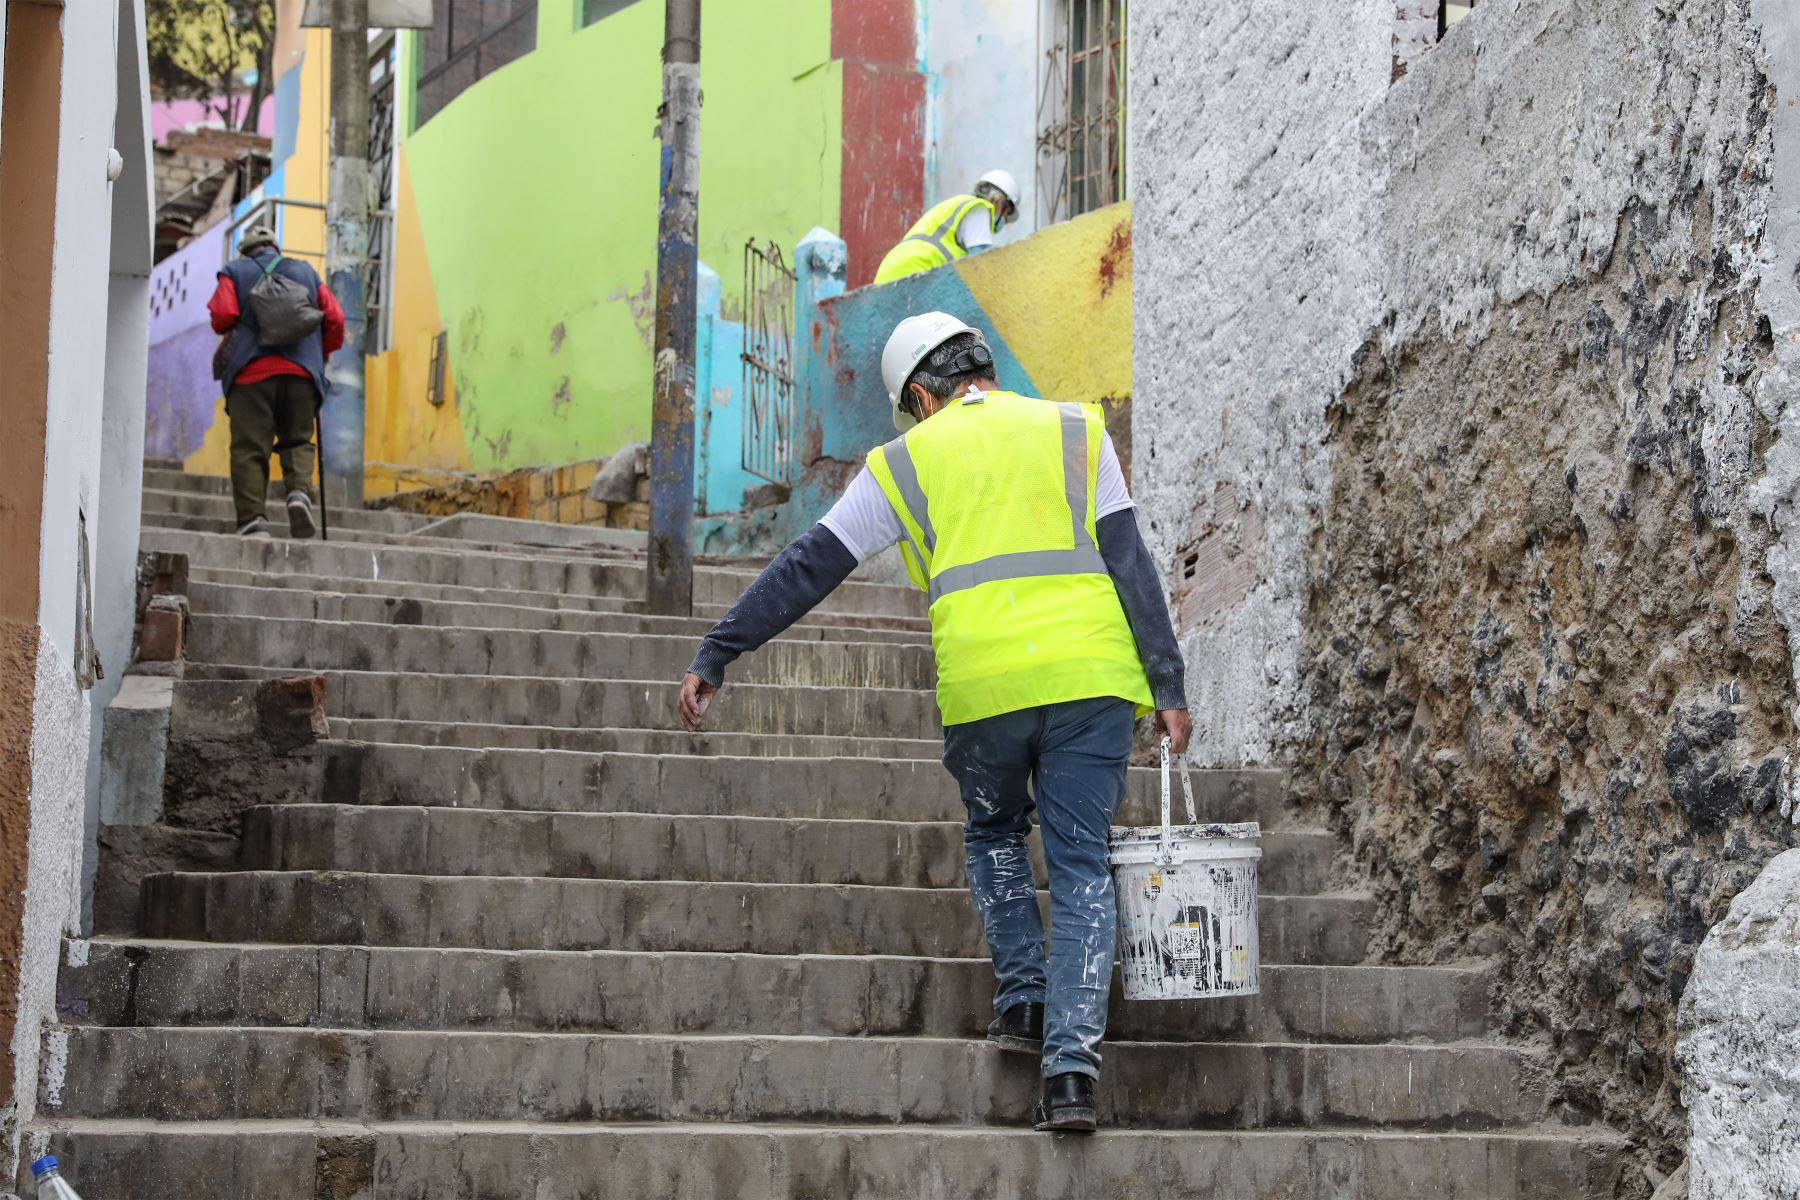 Se busca con el proyecto vencer los estigmas. Hoy, muchos jóvenes que viven en el San Cristóbal cambian sus direcciones porque permanece un estigma, la mácula de la violencia. Foto: ANDINA/ Andrés Valle